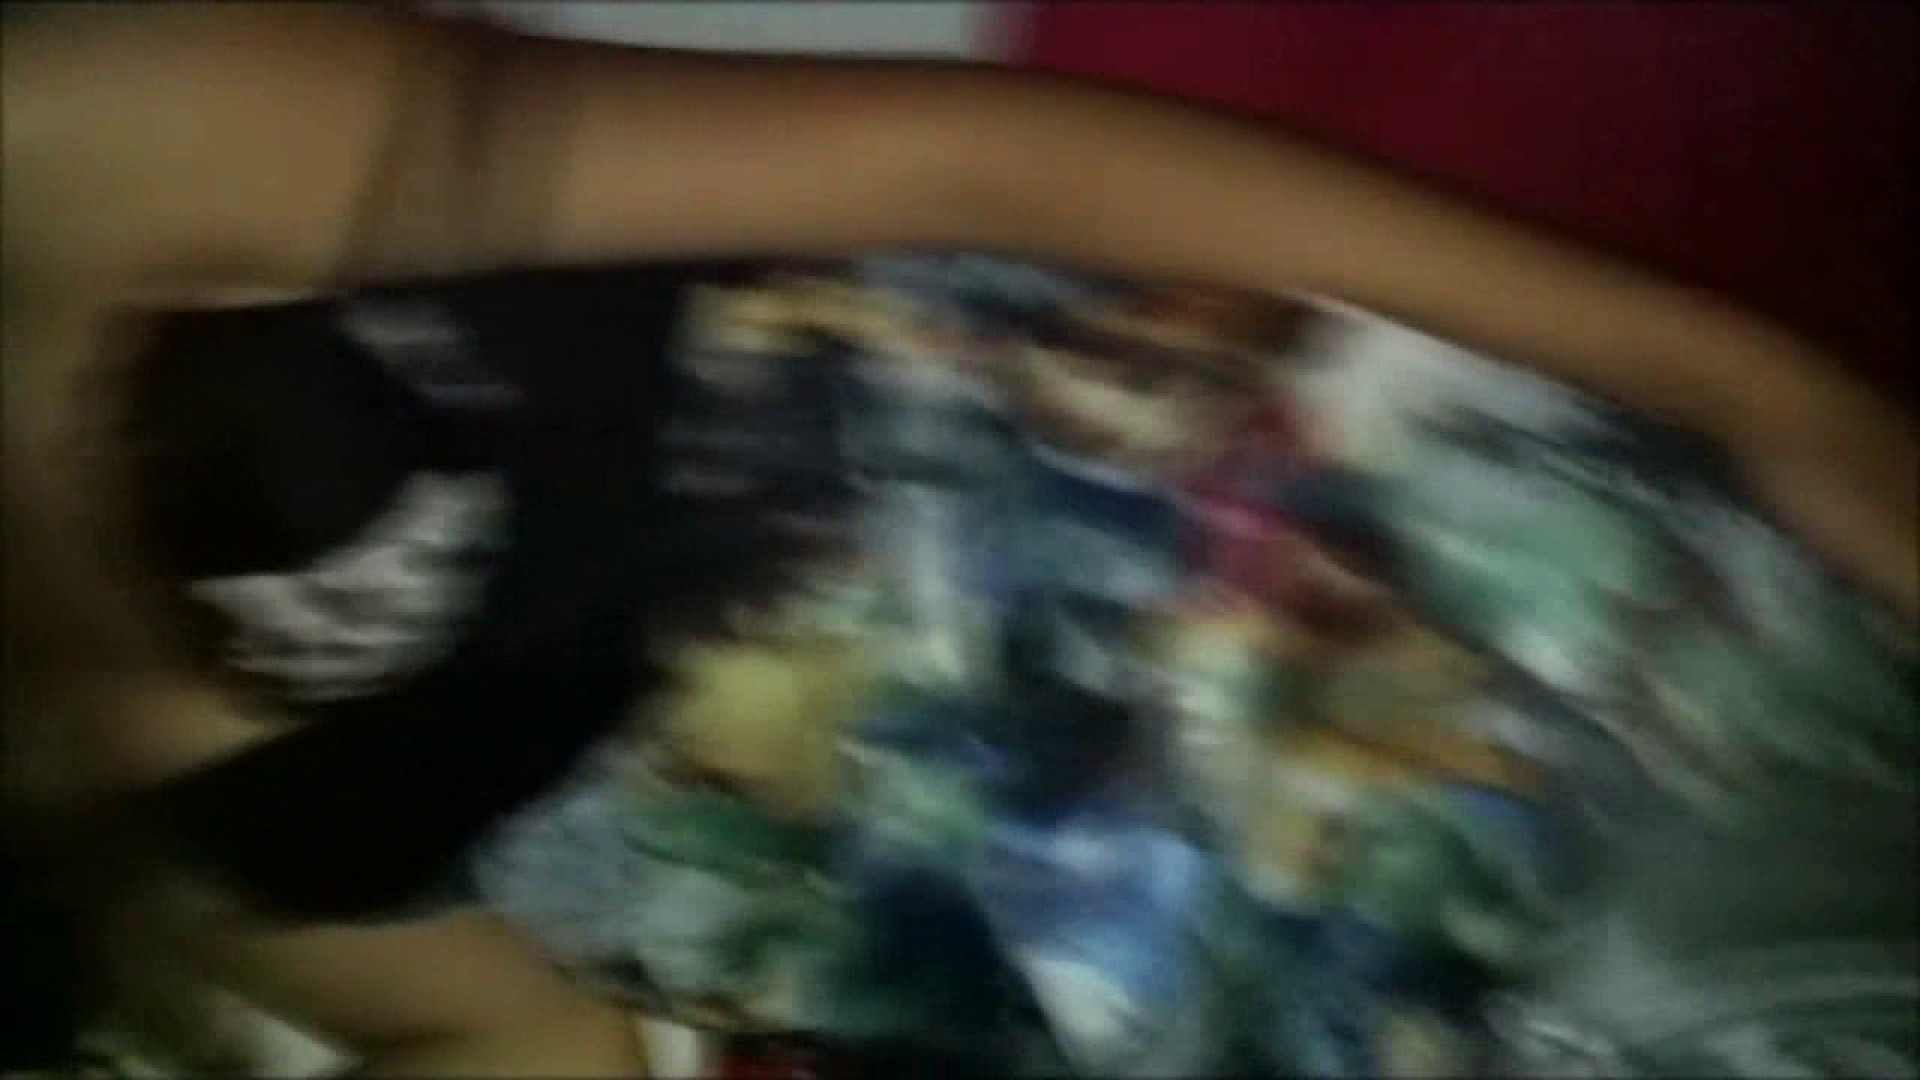 魔術師の お・も・て・な・し vol.15 ギャル系女子大生にブチ込ム! 独身エッチOL | 女子大生  60pic 32